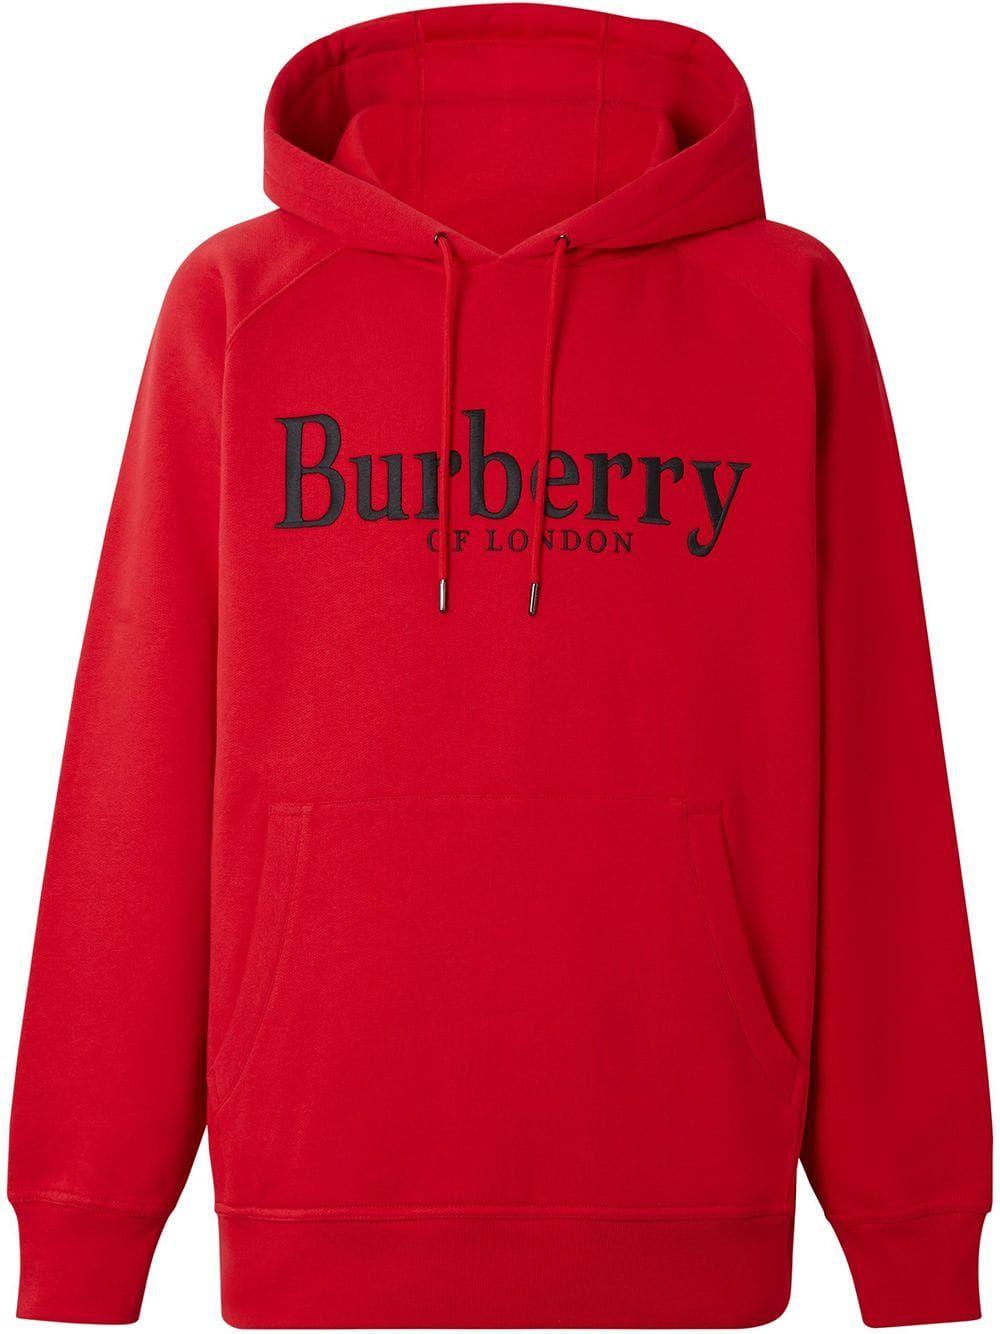 Burberry Men S Hoodie Sweatshirt Sweat Clarke Burberry Cloth Hoodies Burberry Mens Sweatshirts Hoodie [ 1334 x 1000 Pixel ]